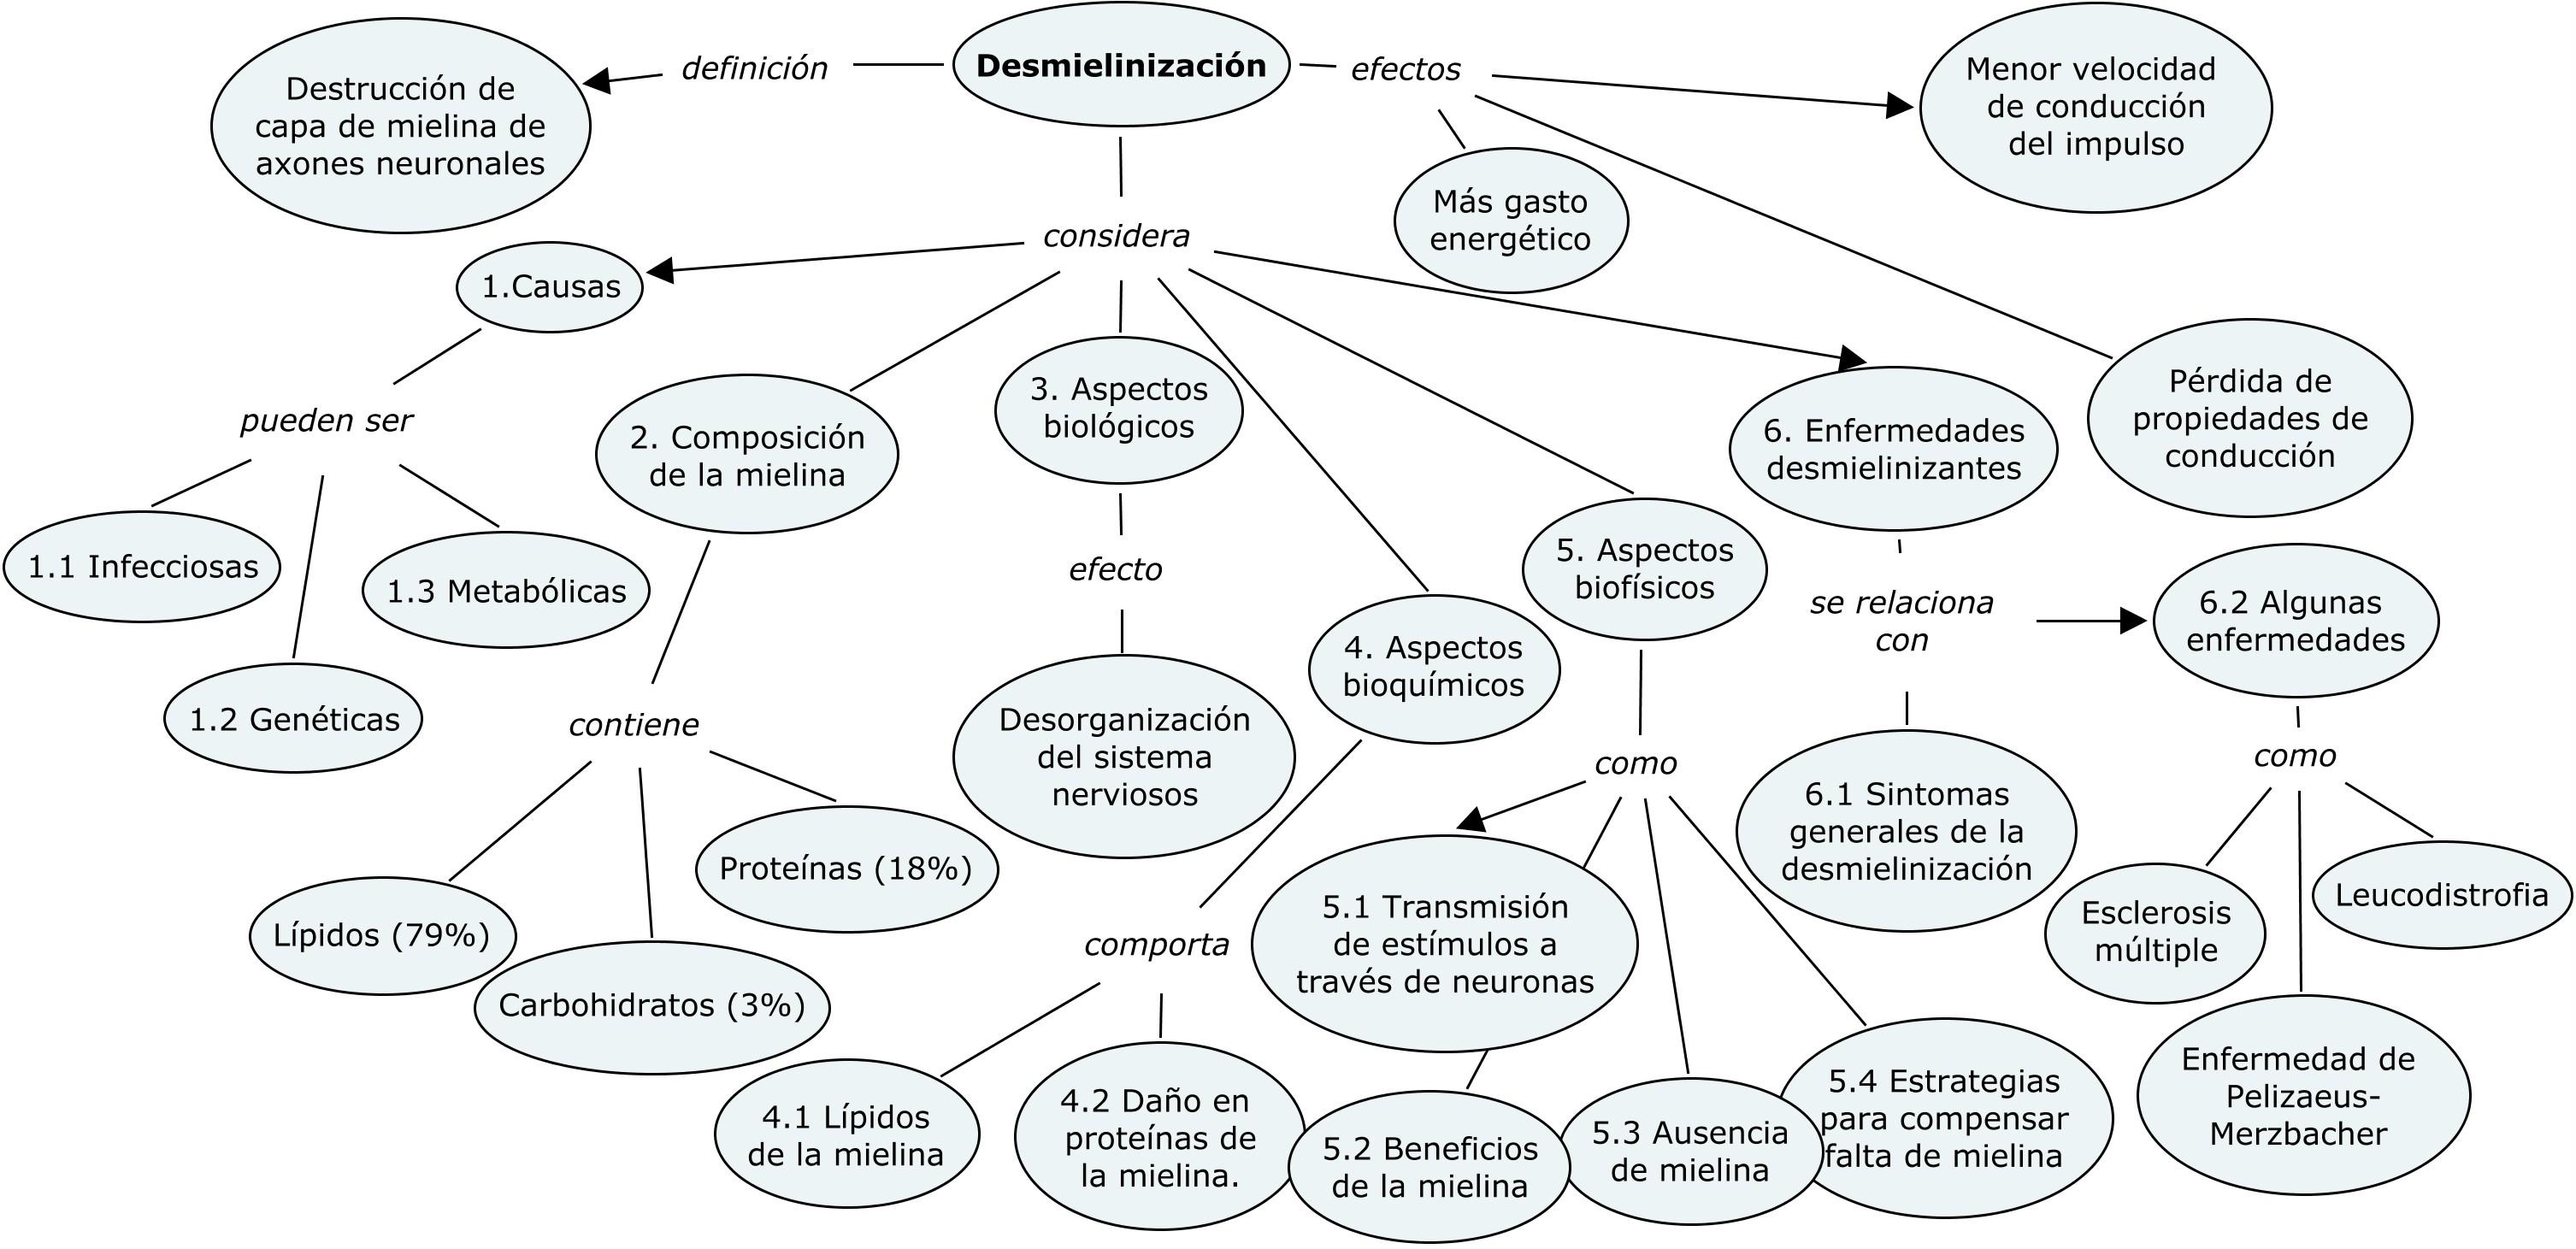 Mielina definicion y funcion